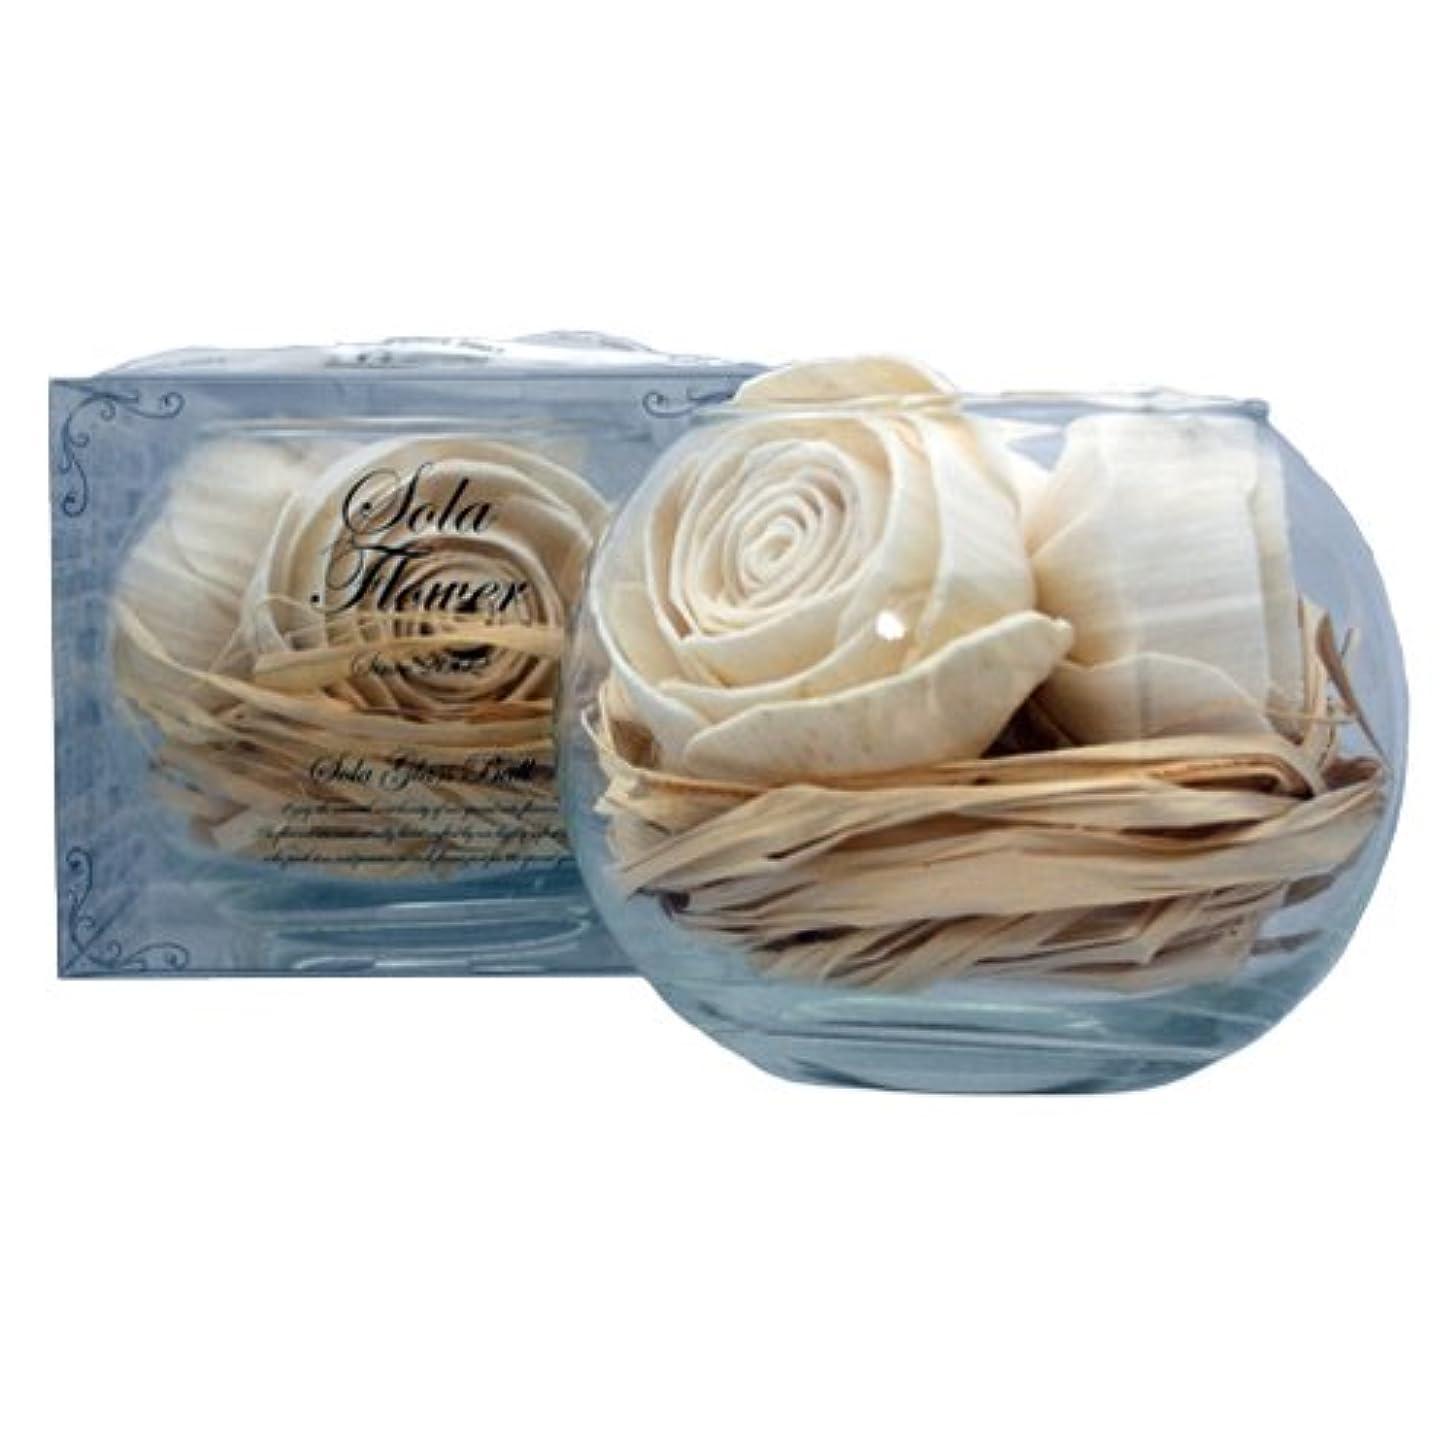 new Sola Flower ソラフラワー グラスボウル Original Rose オリジナルローズ Glass Bowl